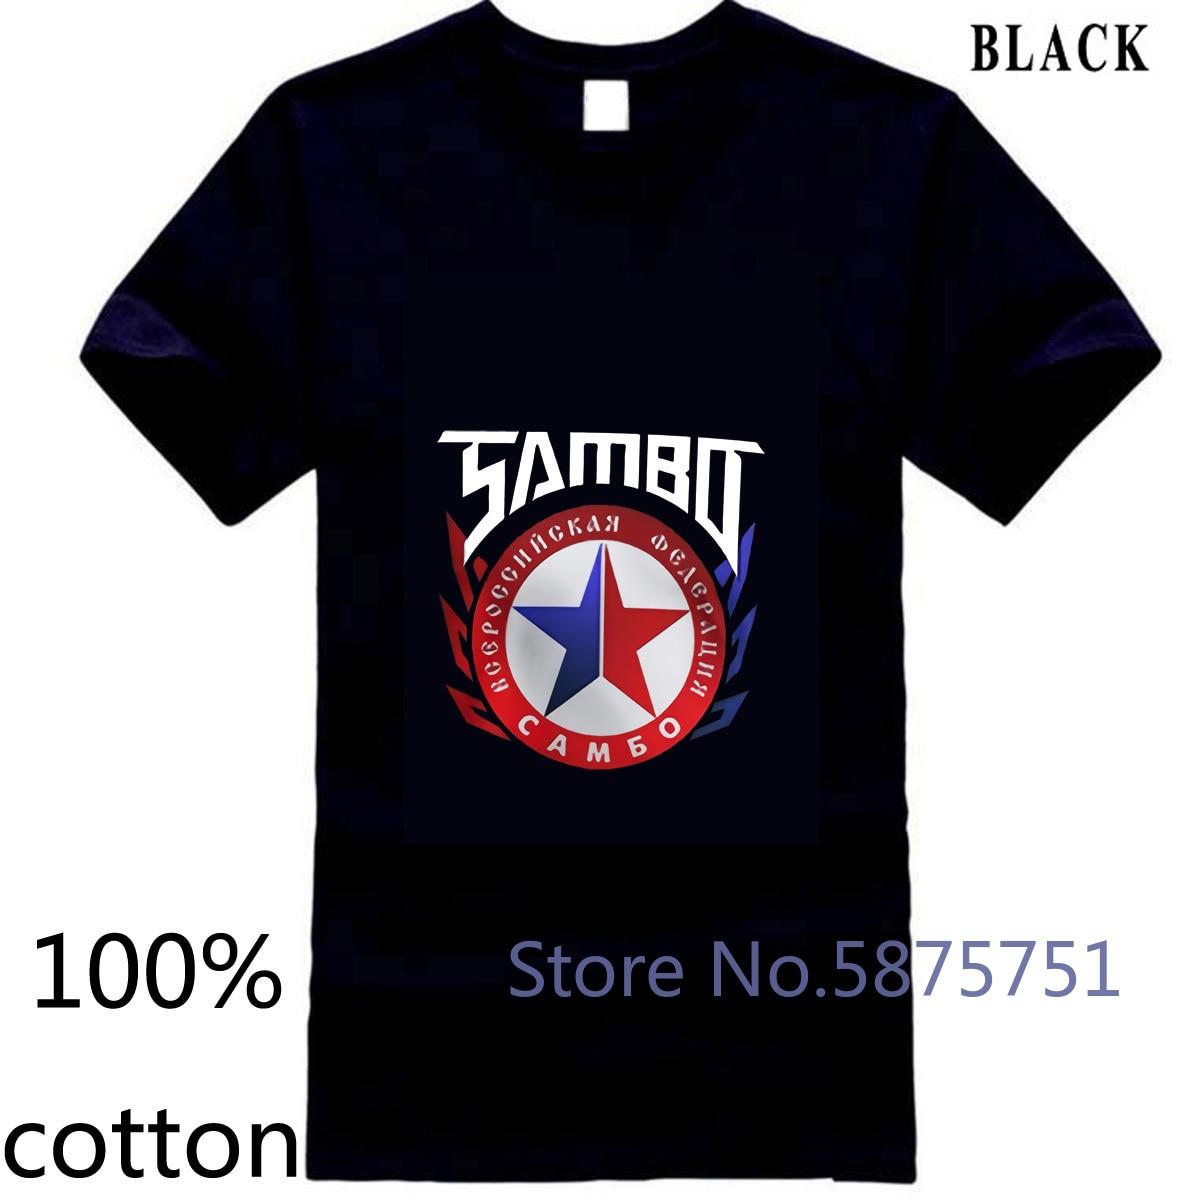 ¡Nuevo y Popular! Camiseta negra MAGPUL Industries para hombre con personaje de dibujos animados, camiseta para hombre, camisetas 100% de algodón para hombre